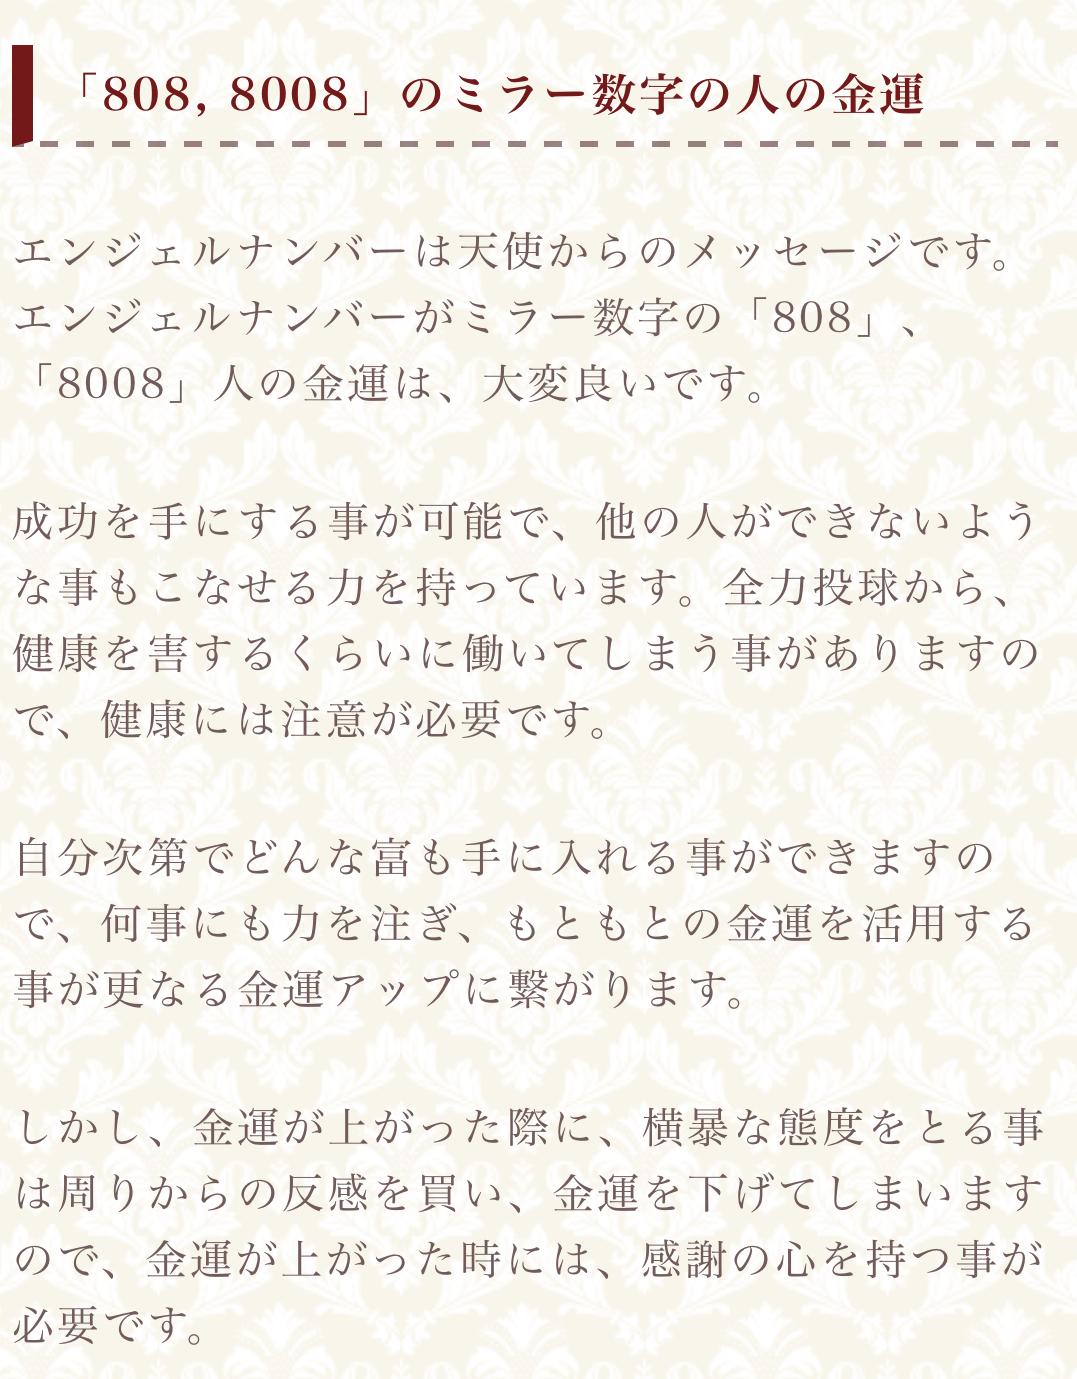 46D5510C-01B5-4CC8-812E-21DADF9899FA